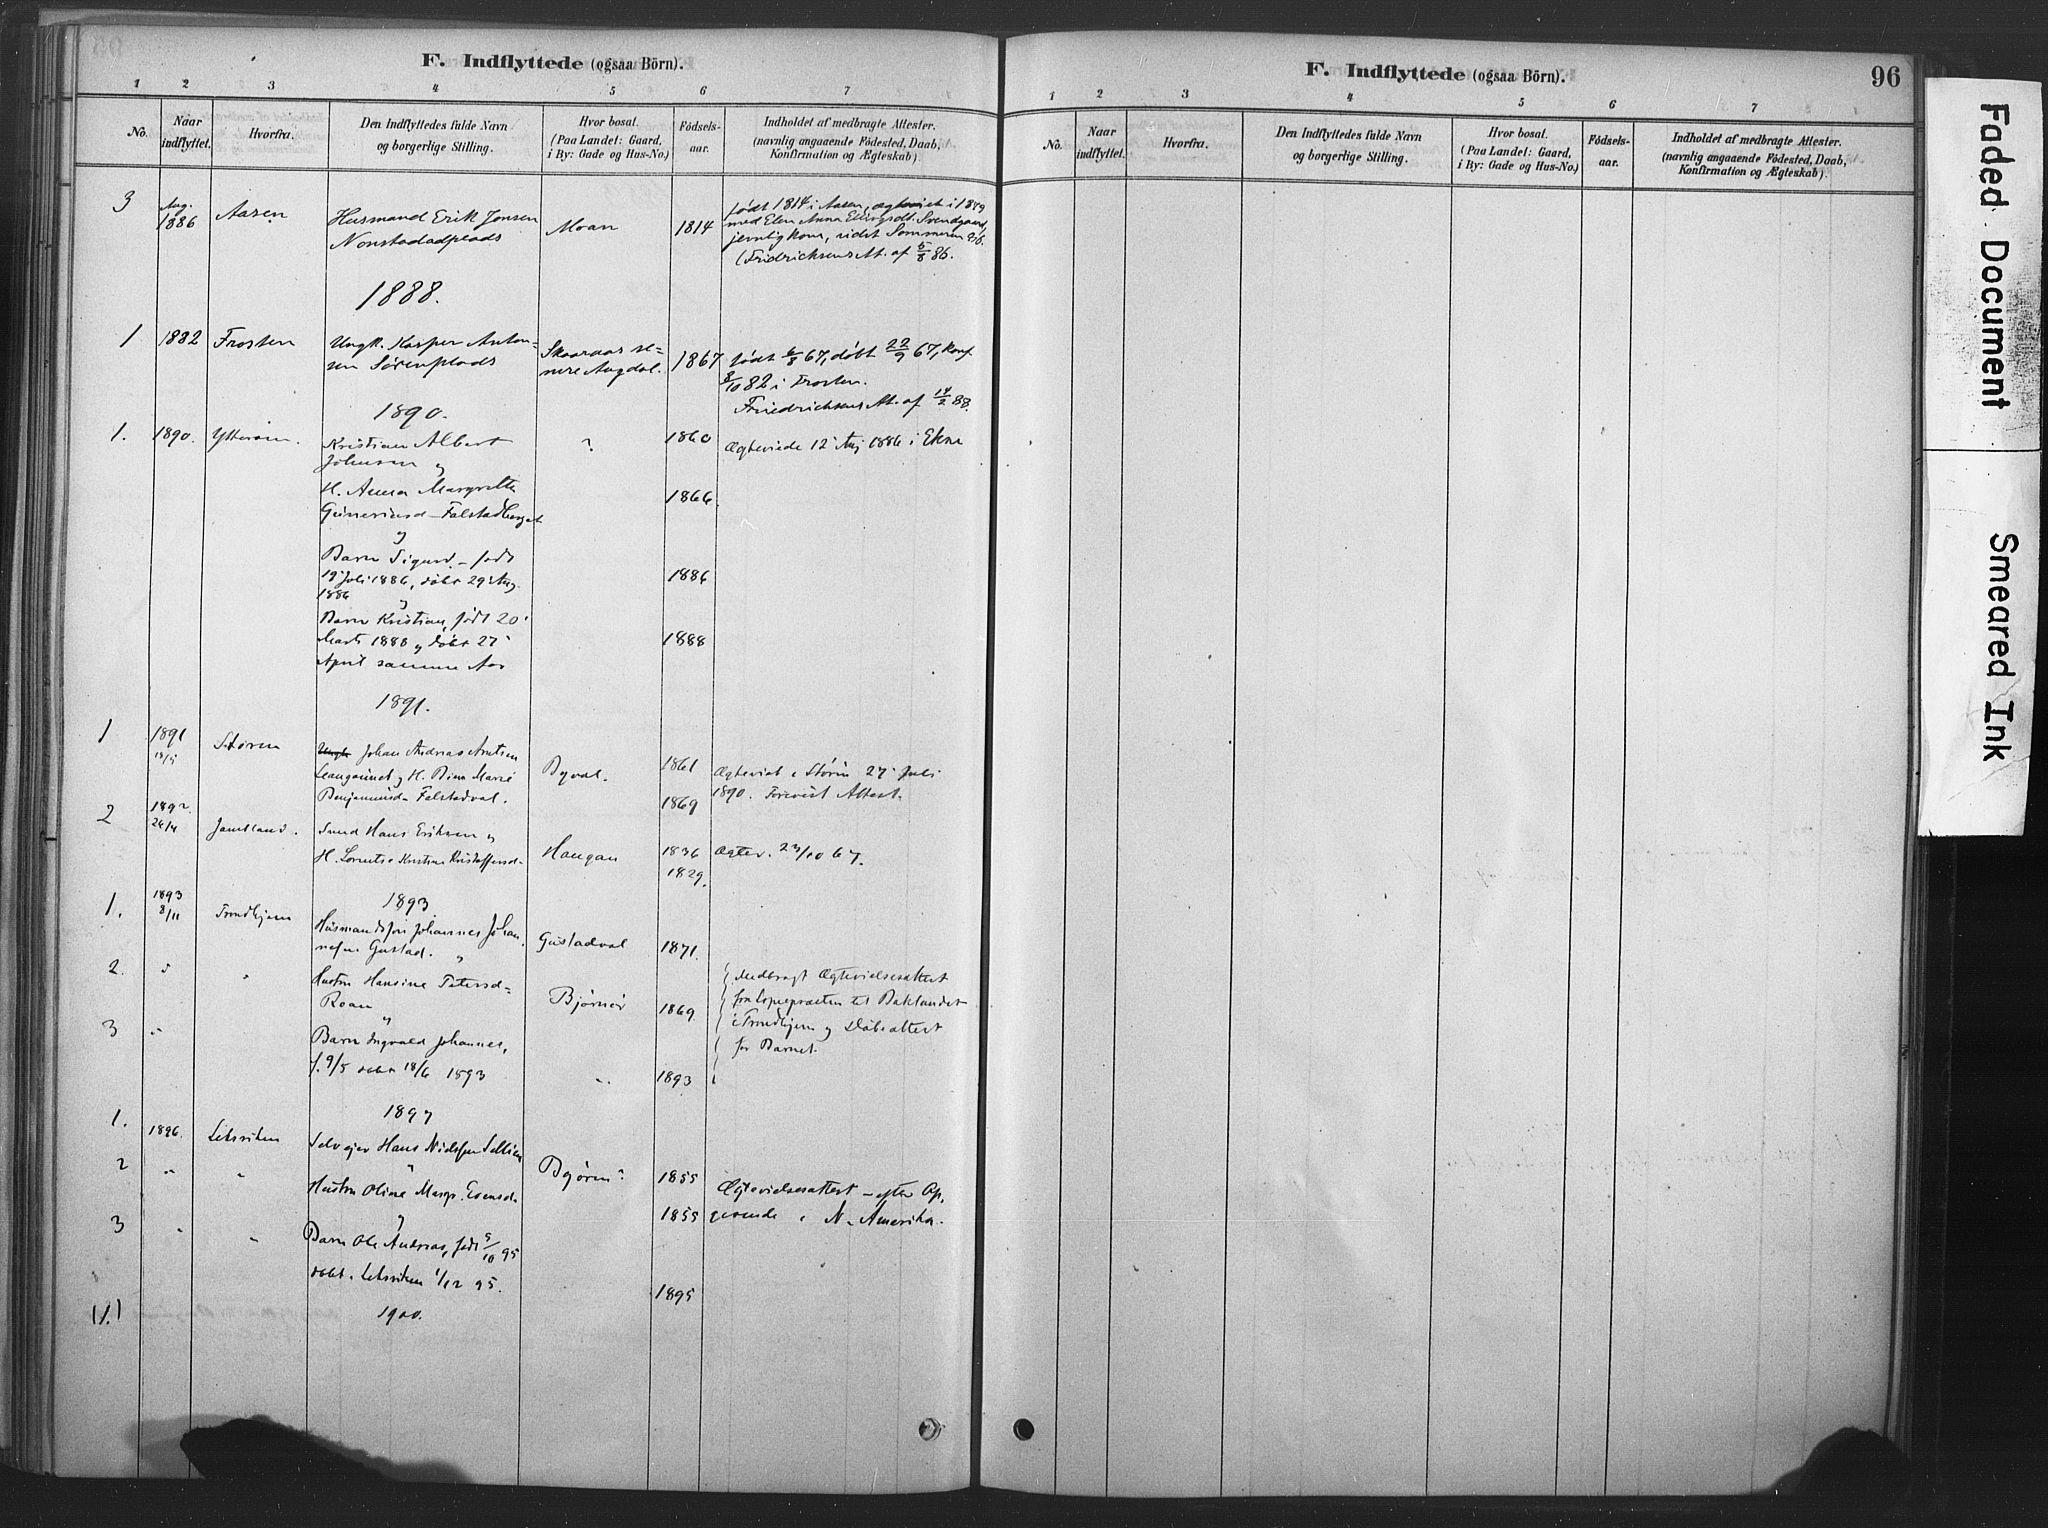 SAT, Ministerialprotokoller, klokkerbøker og fødselsregistre - Nord-Trøndelag, 719/L0178: Ministerialbok nr. 719A01, 1878-1900, s. 96